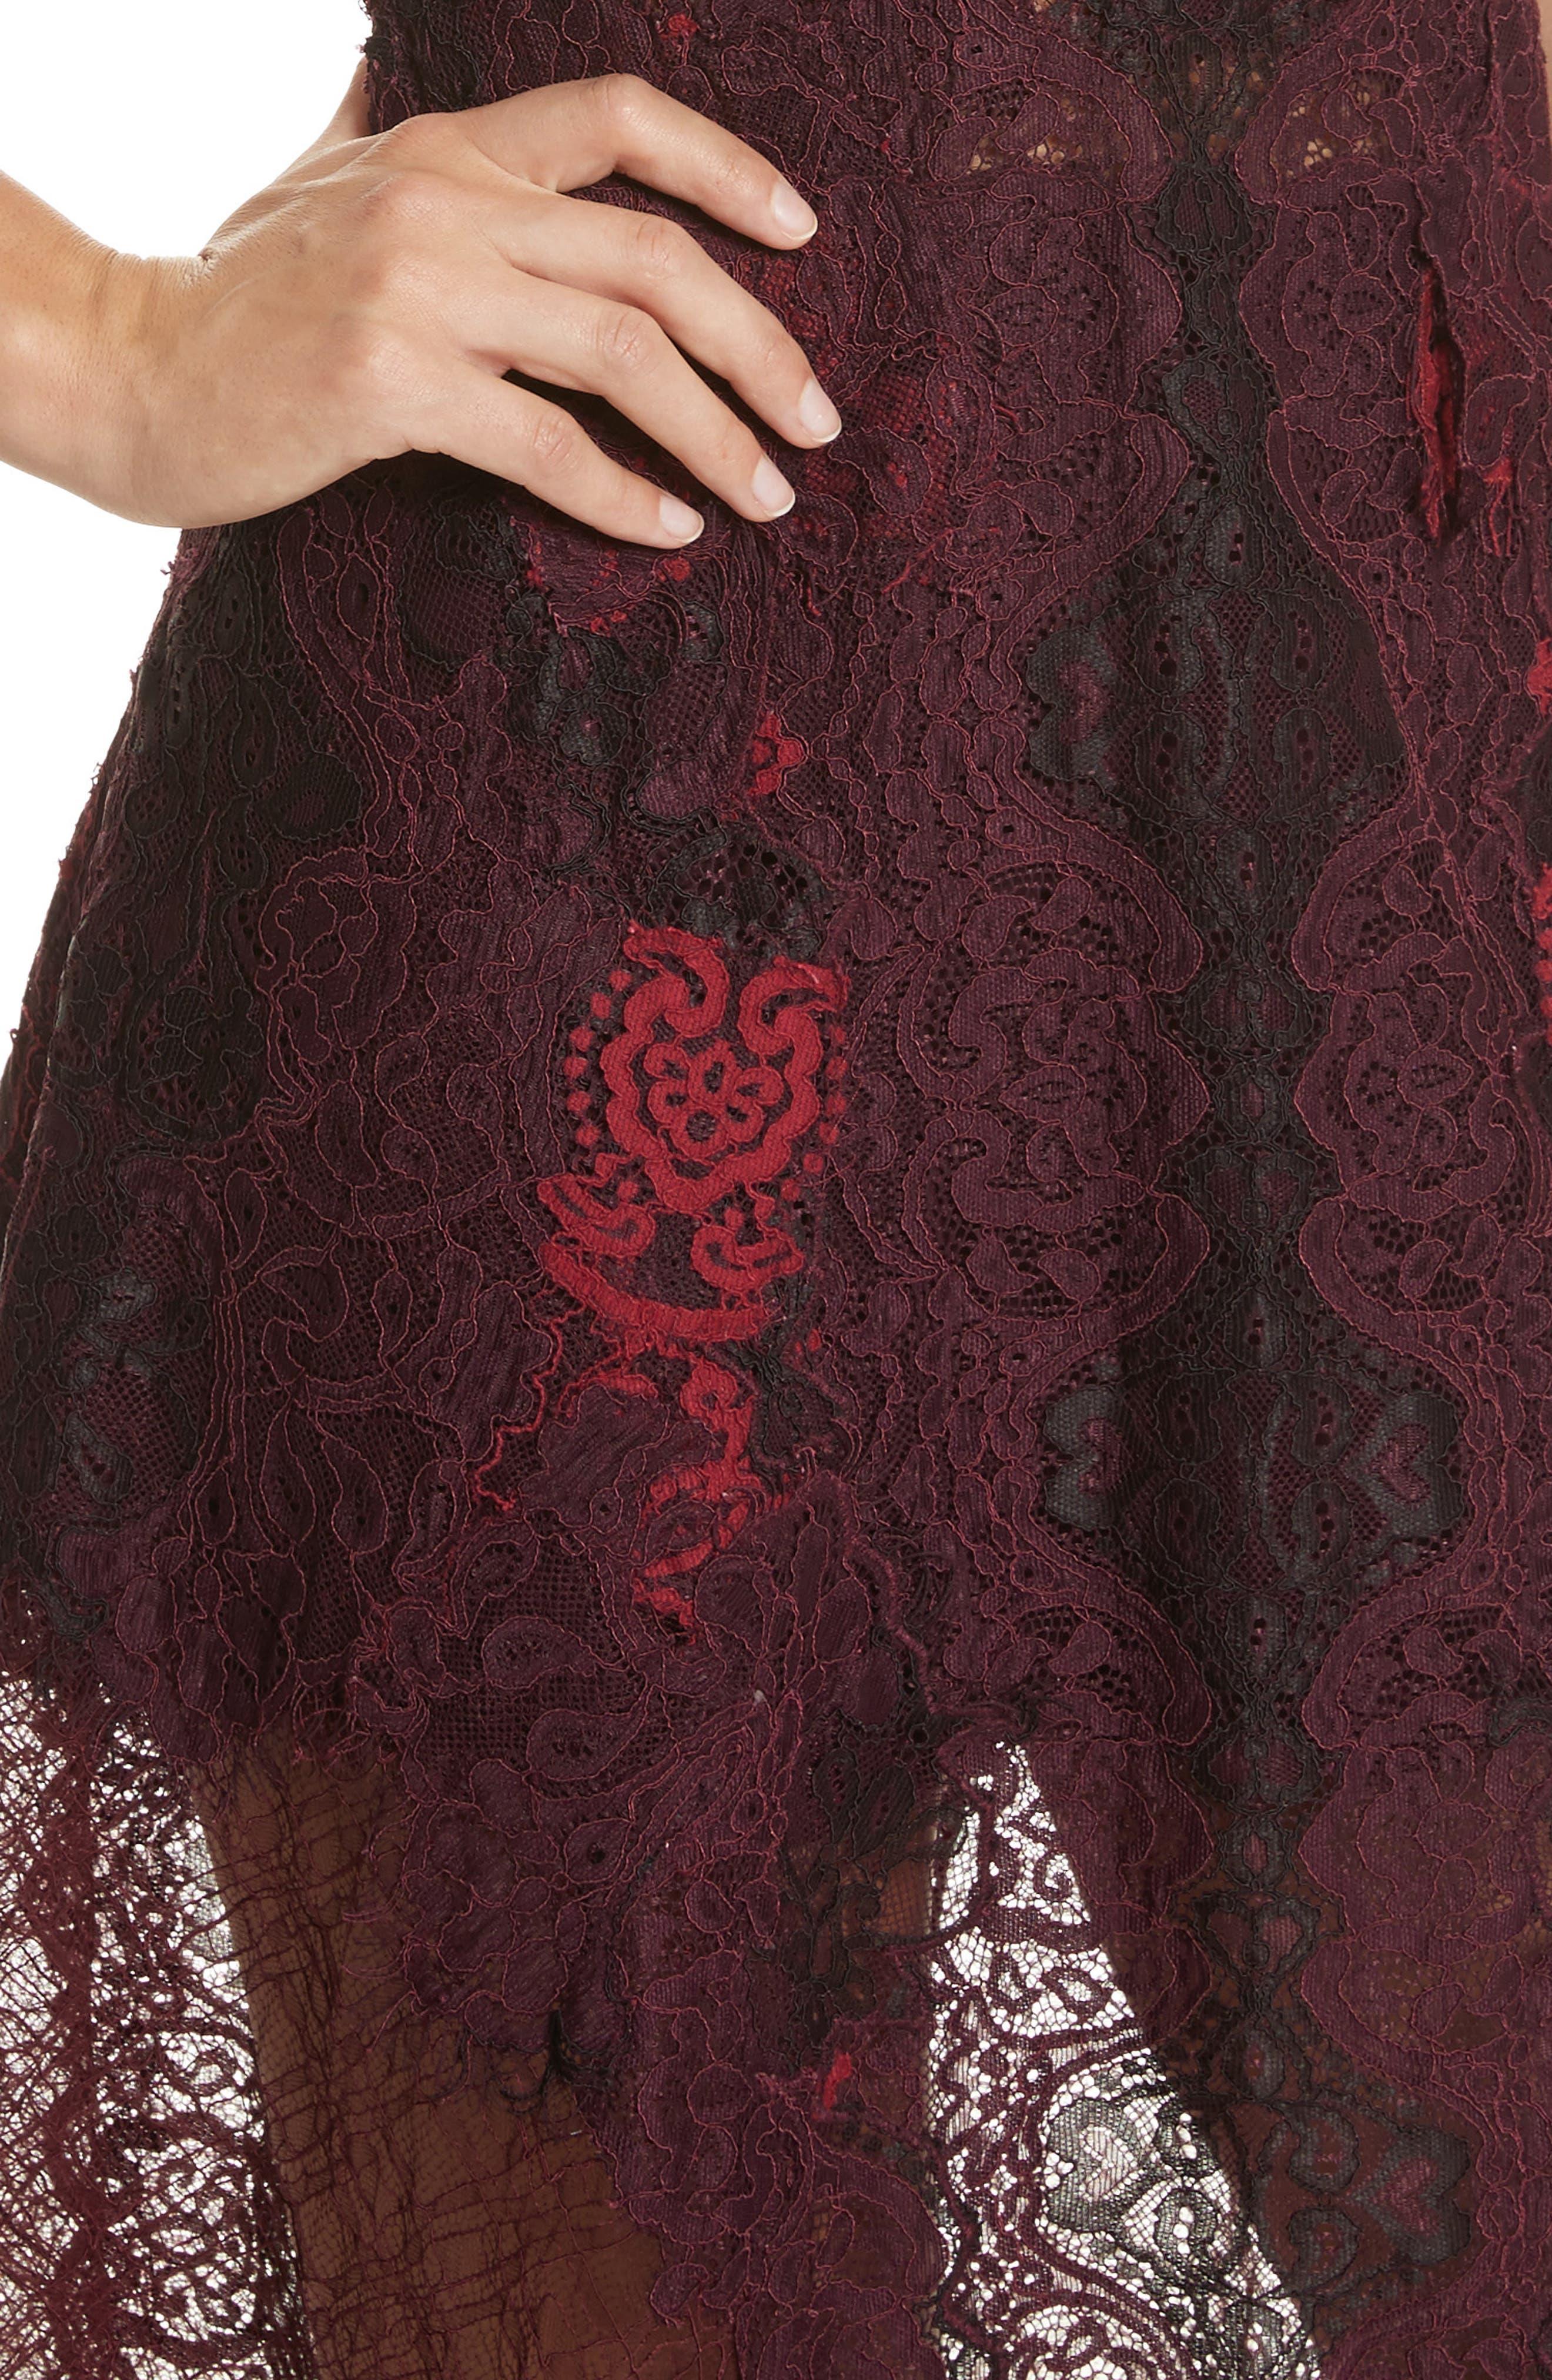 Grommet Detail Lace Dress,                             Alternate thumbnail 4, color,                             602